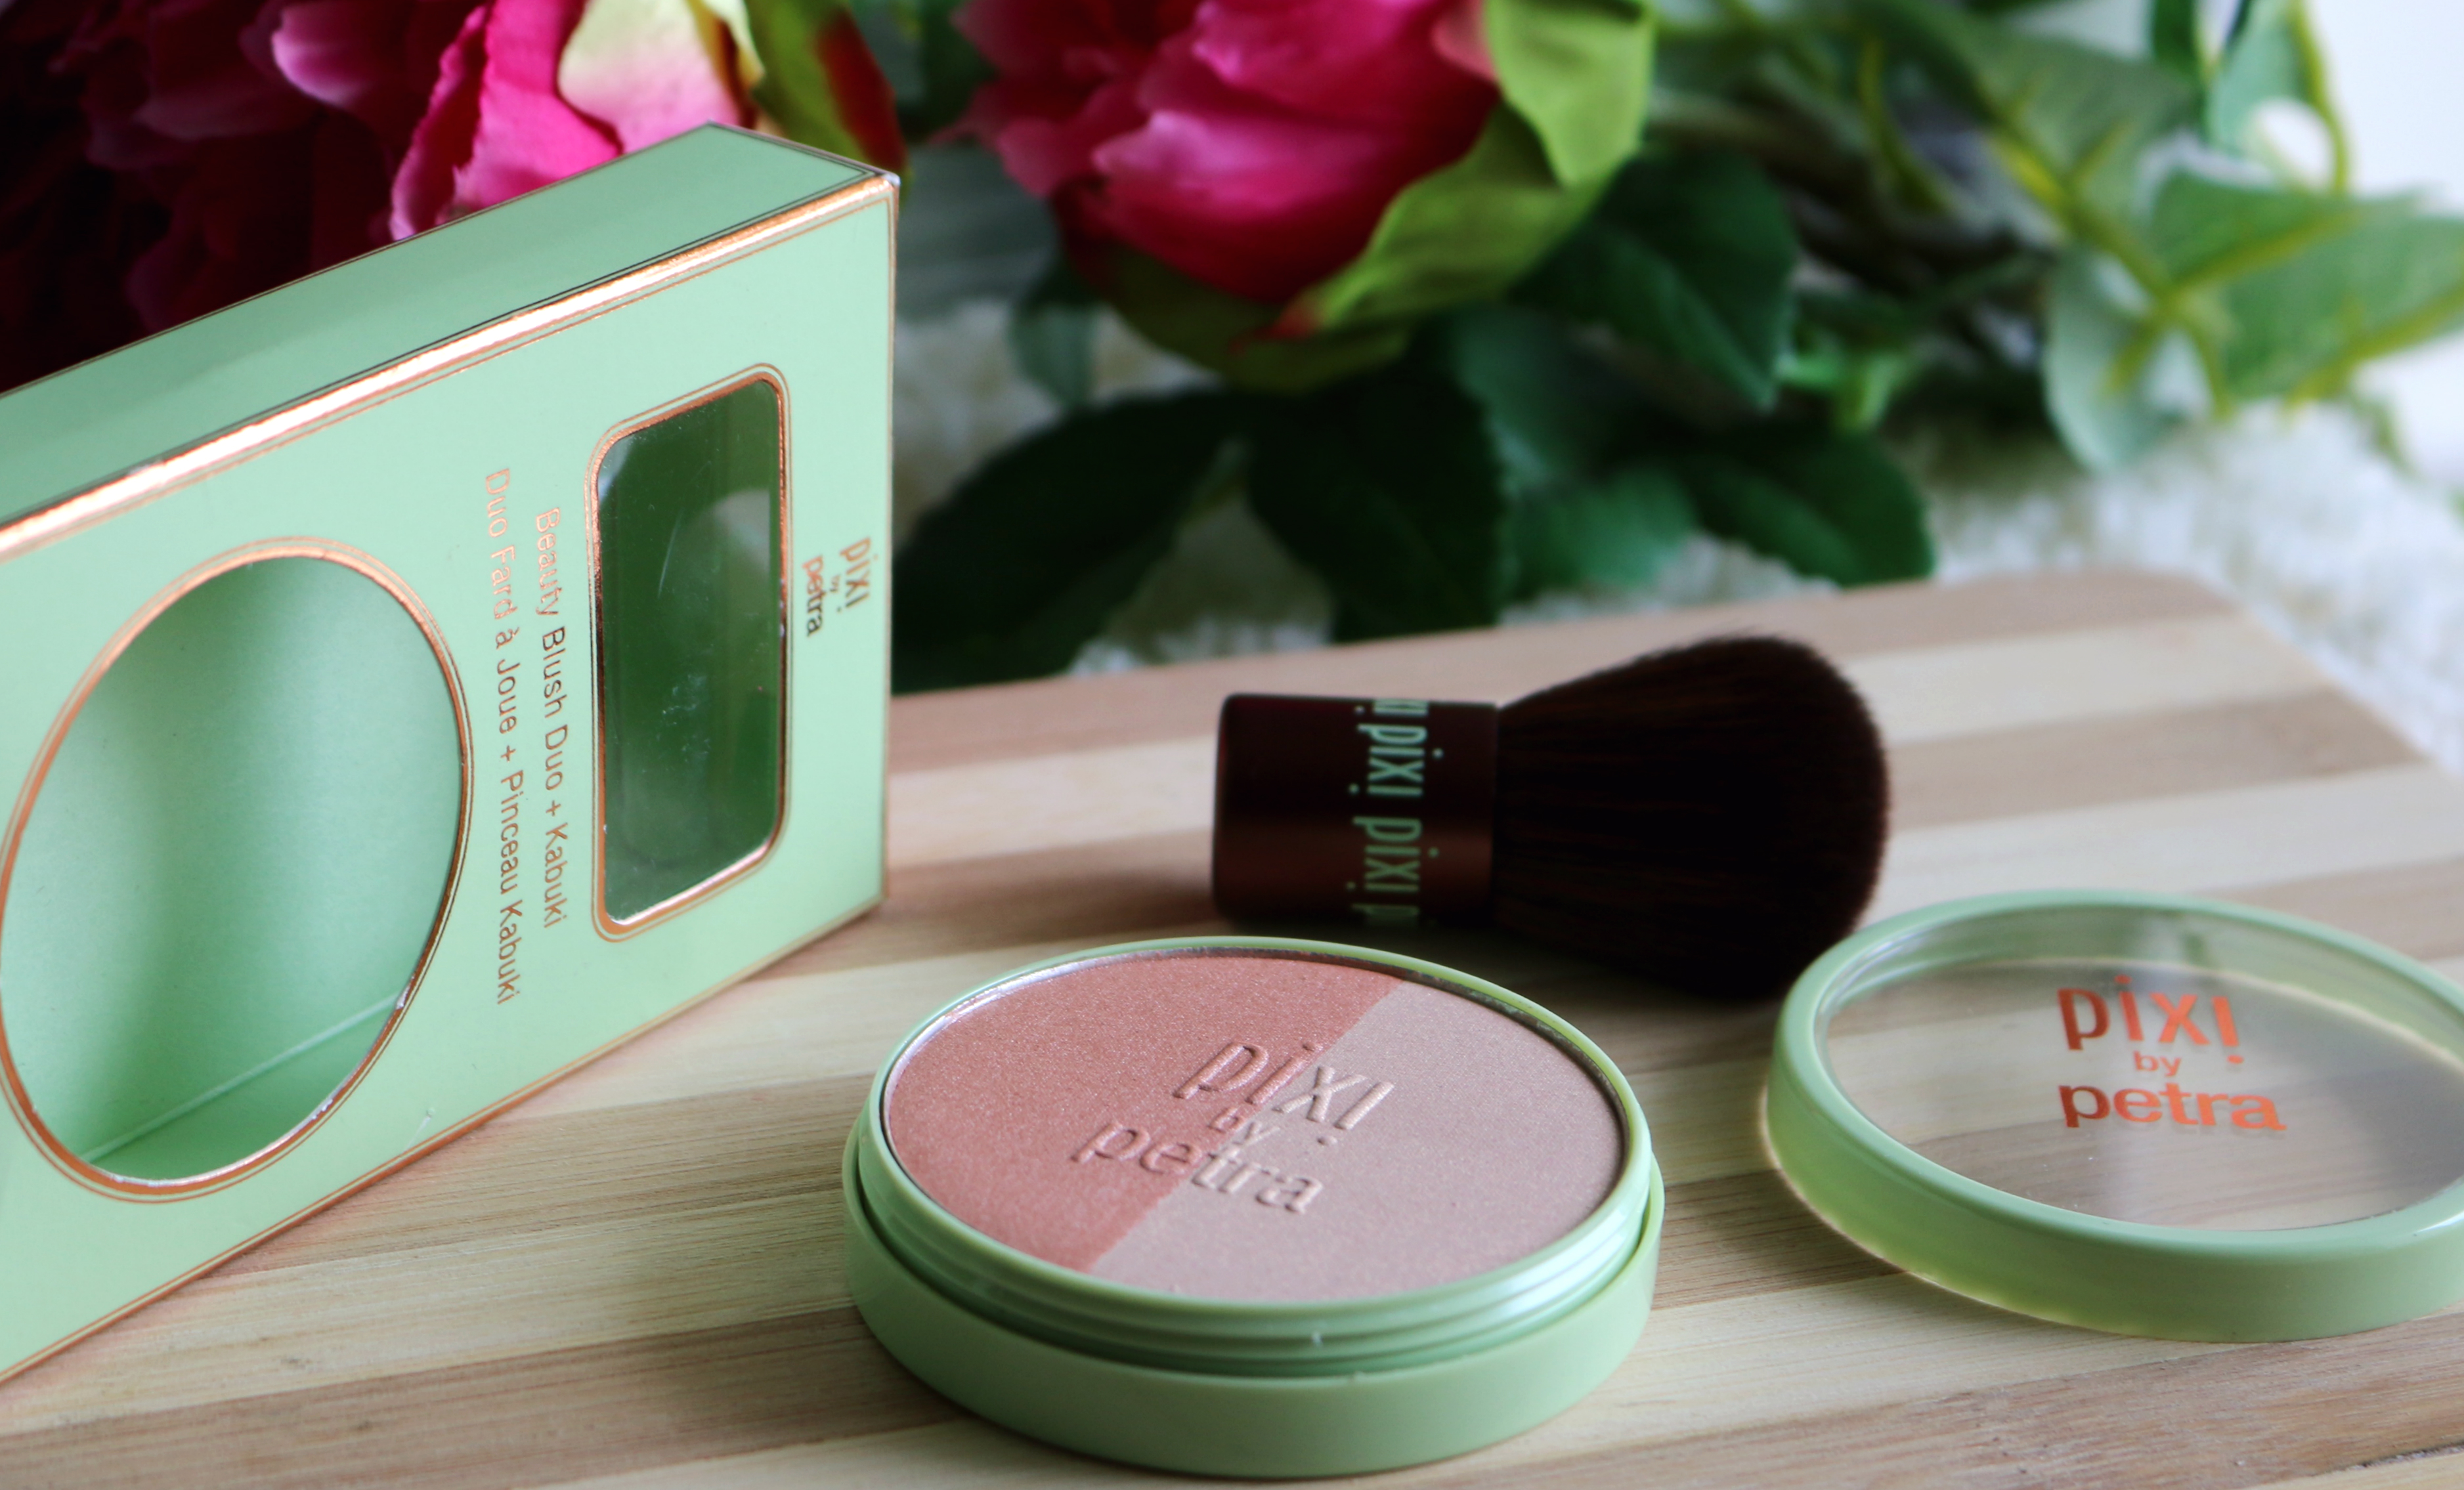 Pixi Beauty Blush Duo + Kabuki – Peach Honey